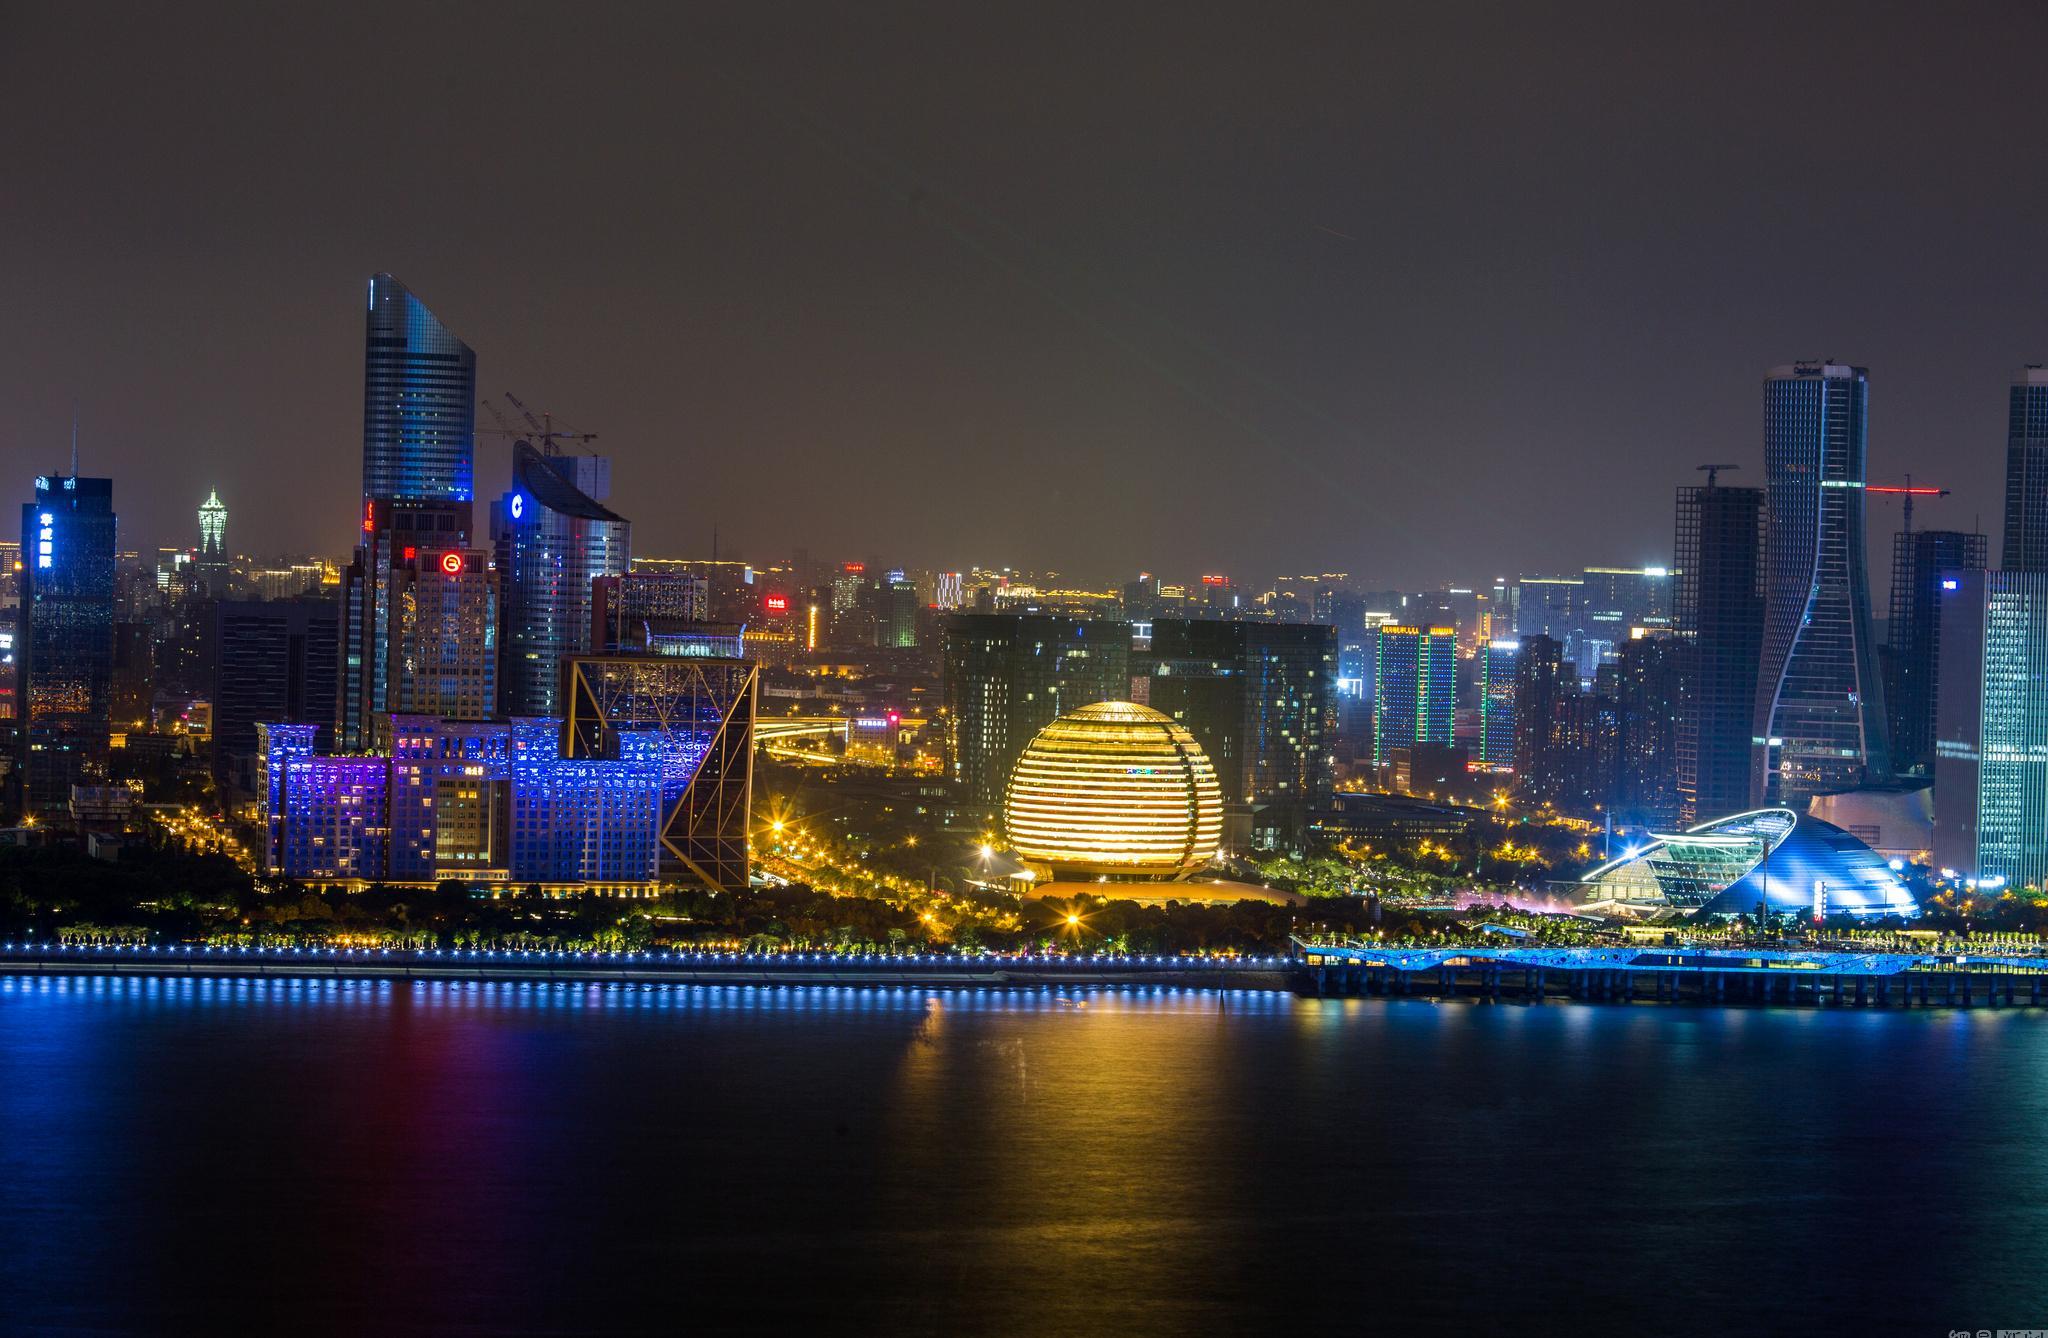 钱塘江北岸灯光秀:亮灯时间需调整